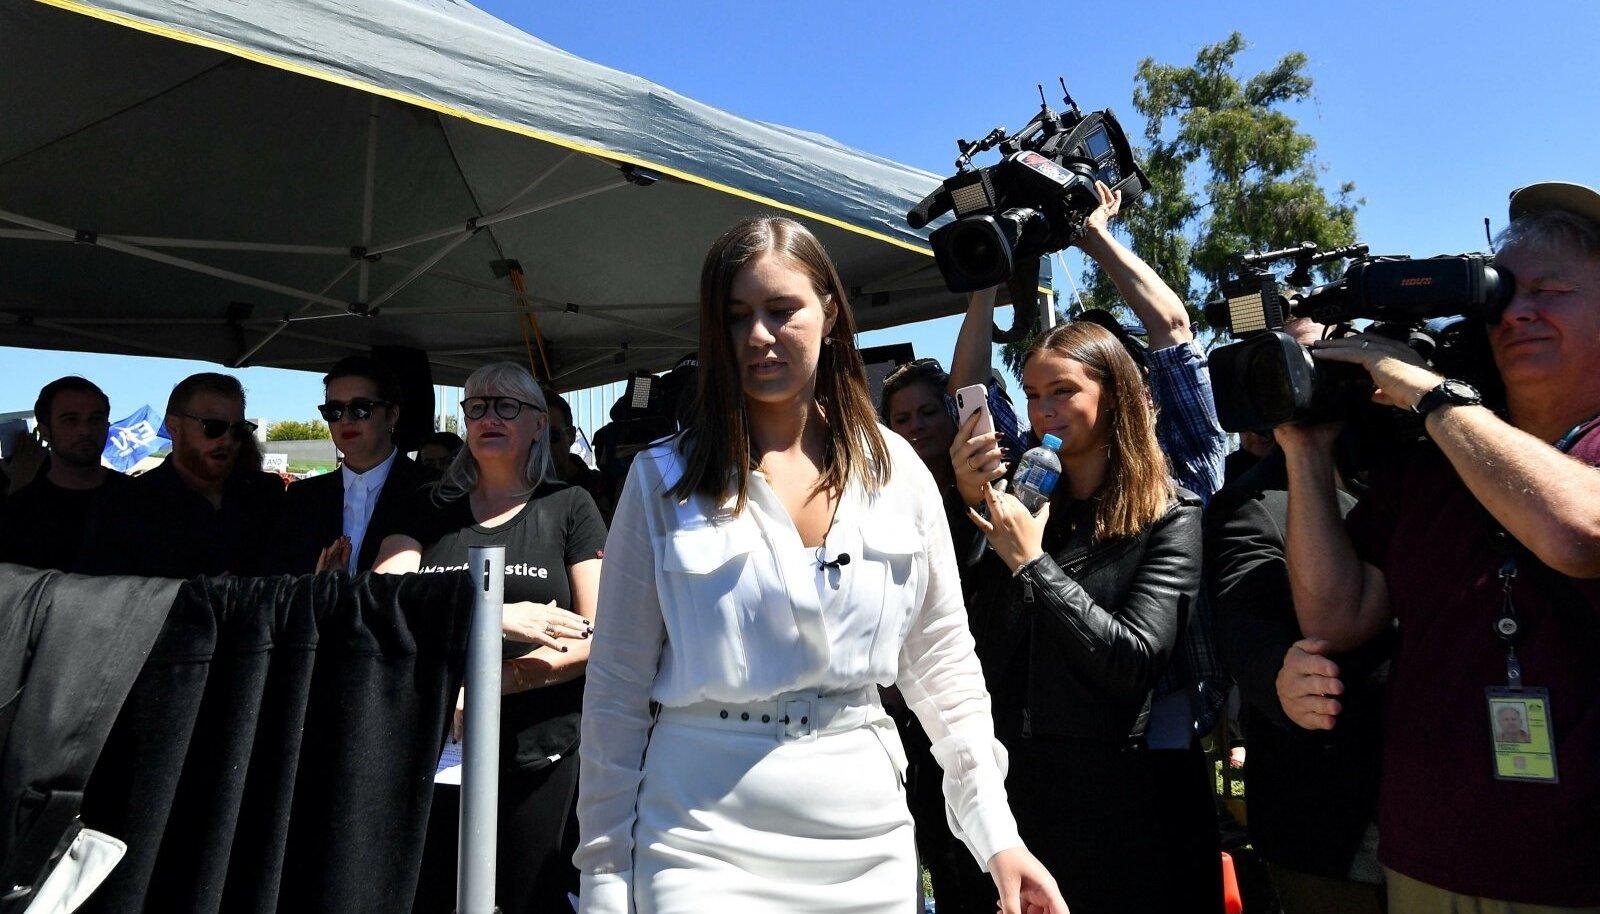 Endine valitsuse töötaja Brittany Higgins tuli vägistamissüüdistusega lagedale veebruaris. Teda olevat survestatud politseisse mitte pöörduma, kuid ta tegi seda lõpuks siiski.